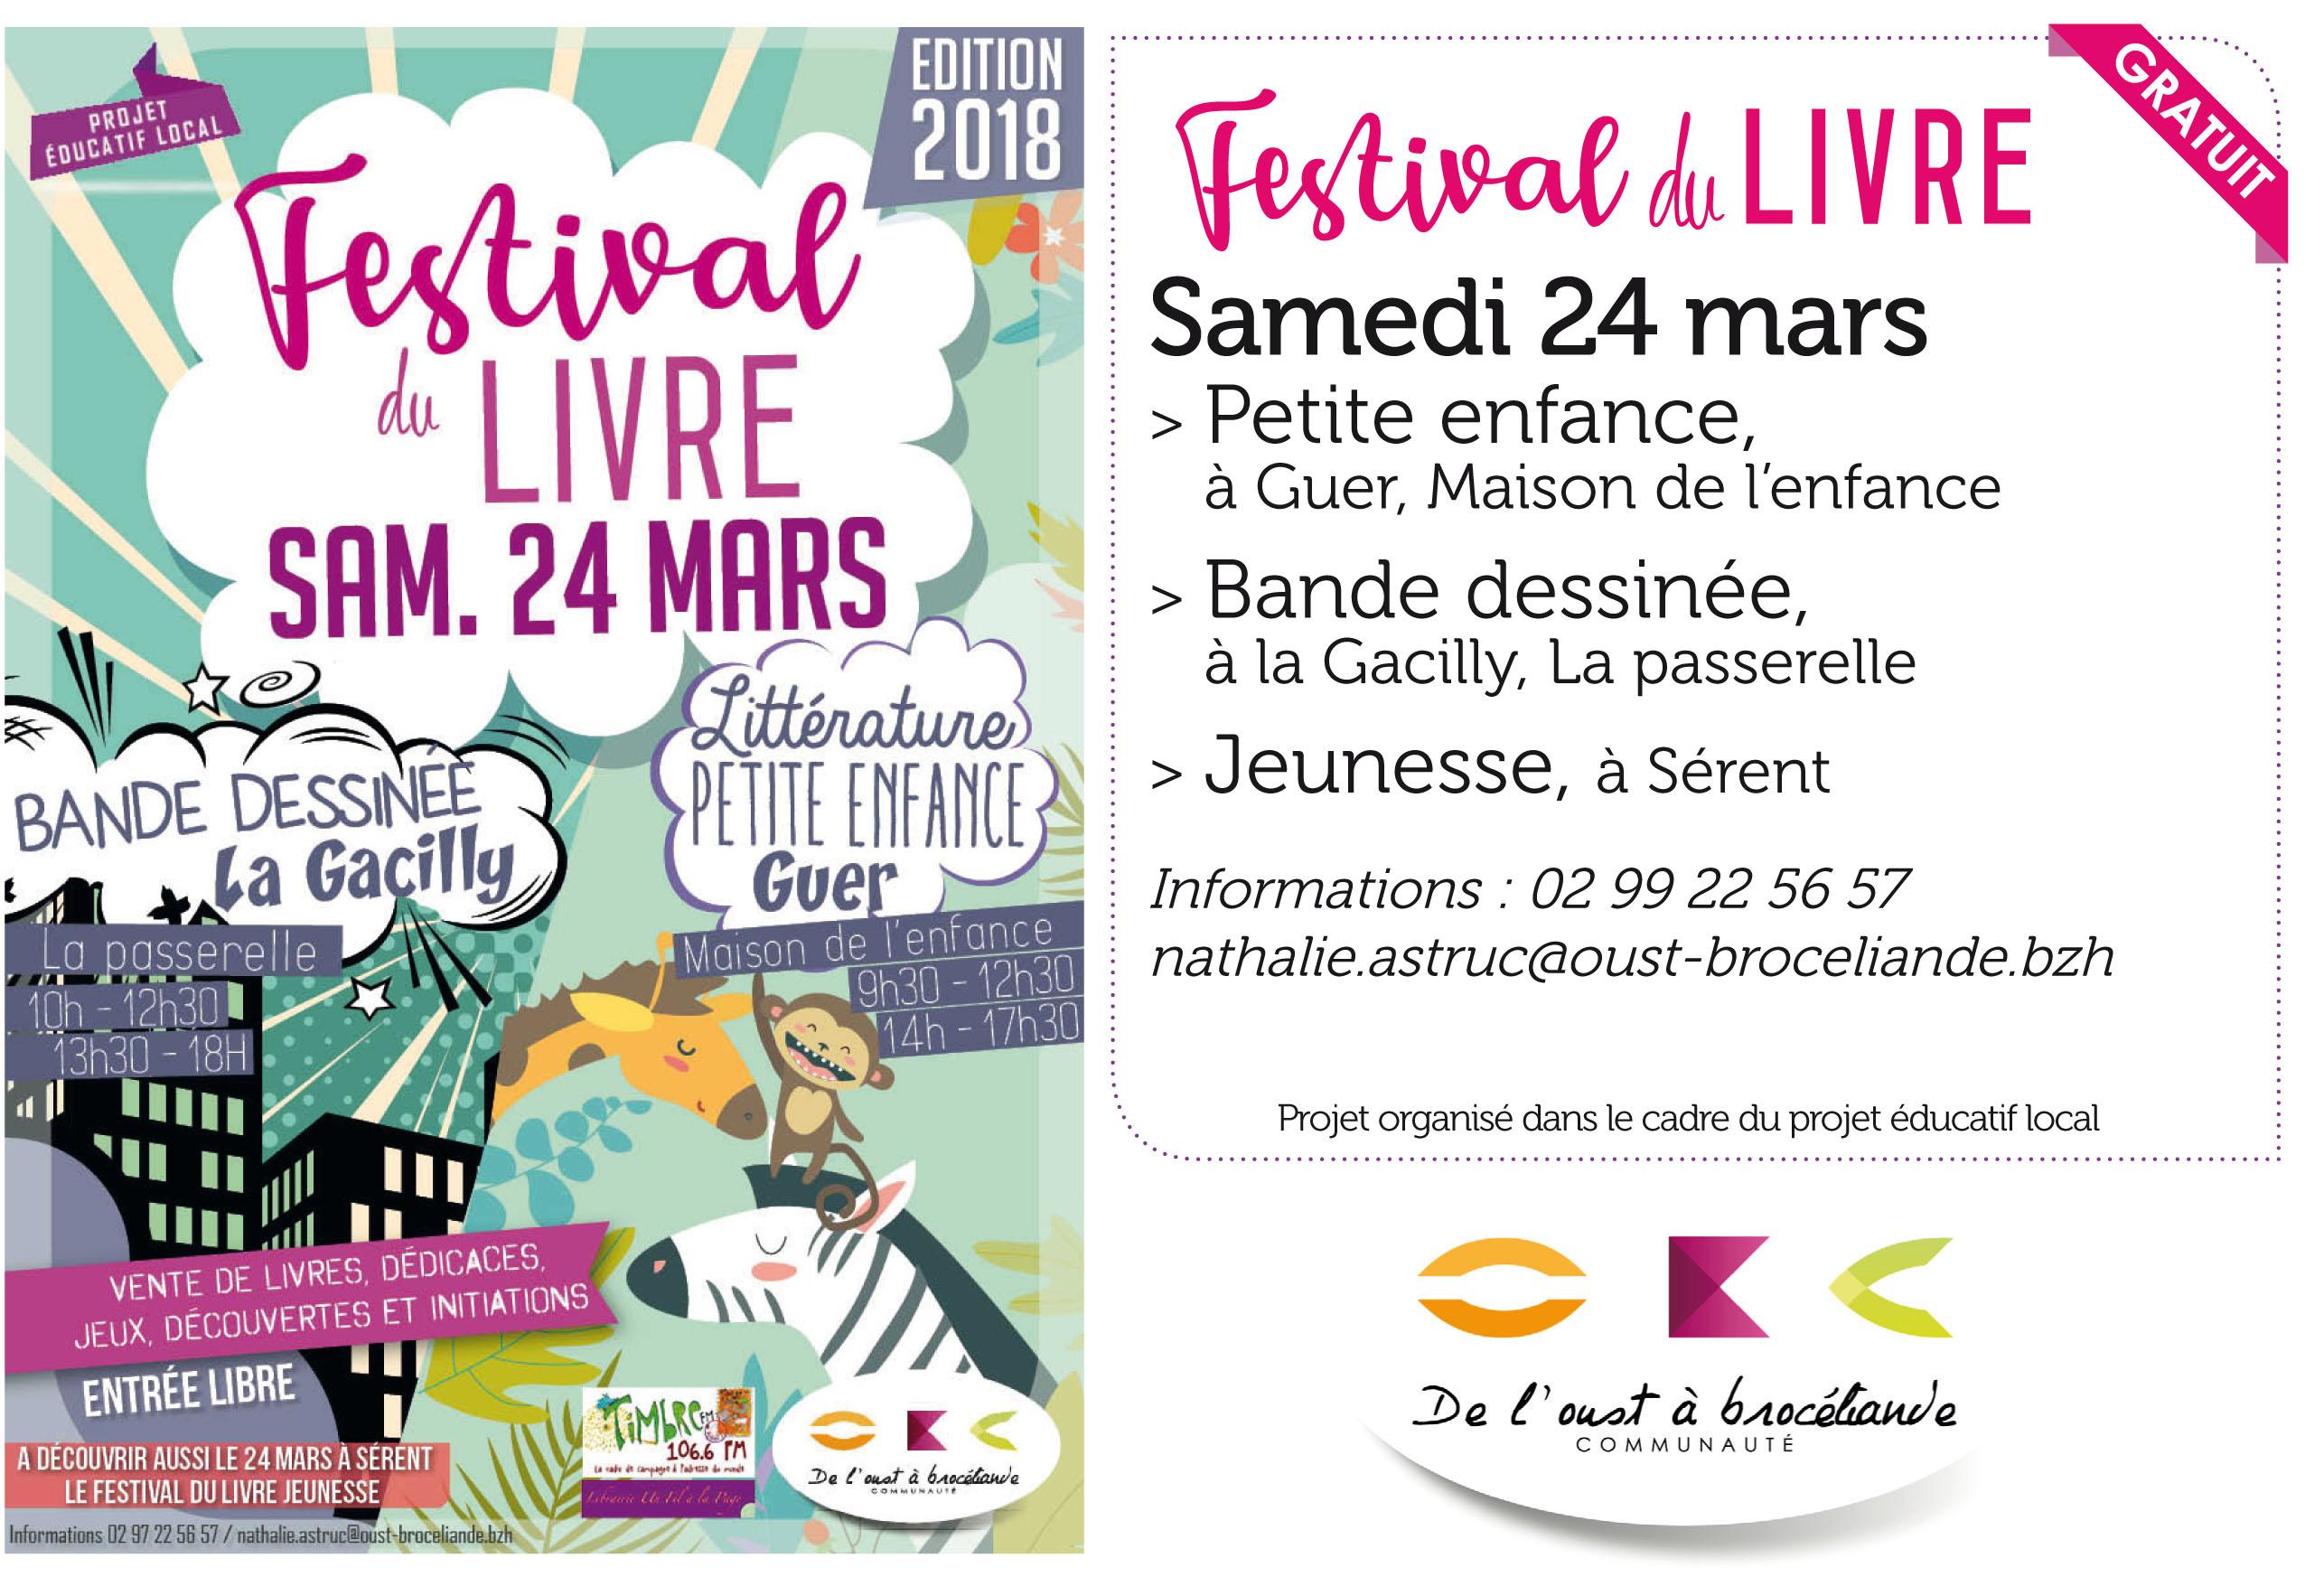 Festival Du Livre Petite Enfance Direct Radio Timbre Fm